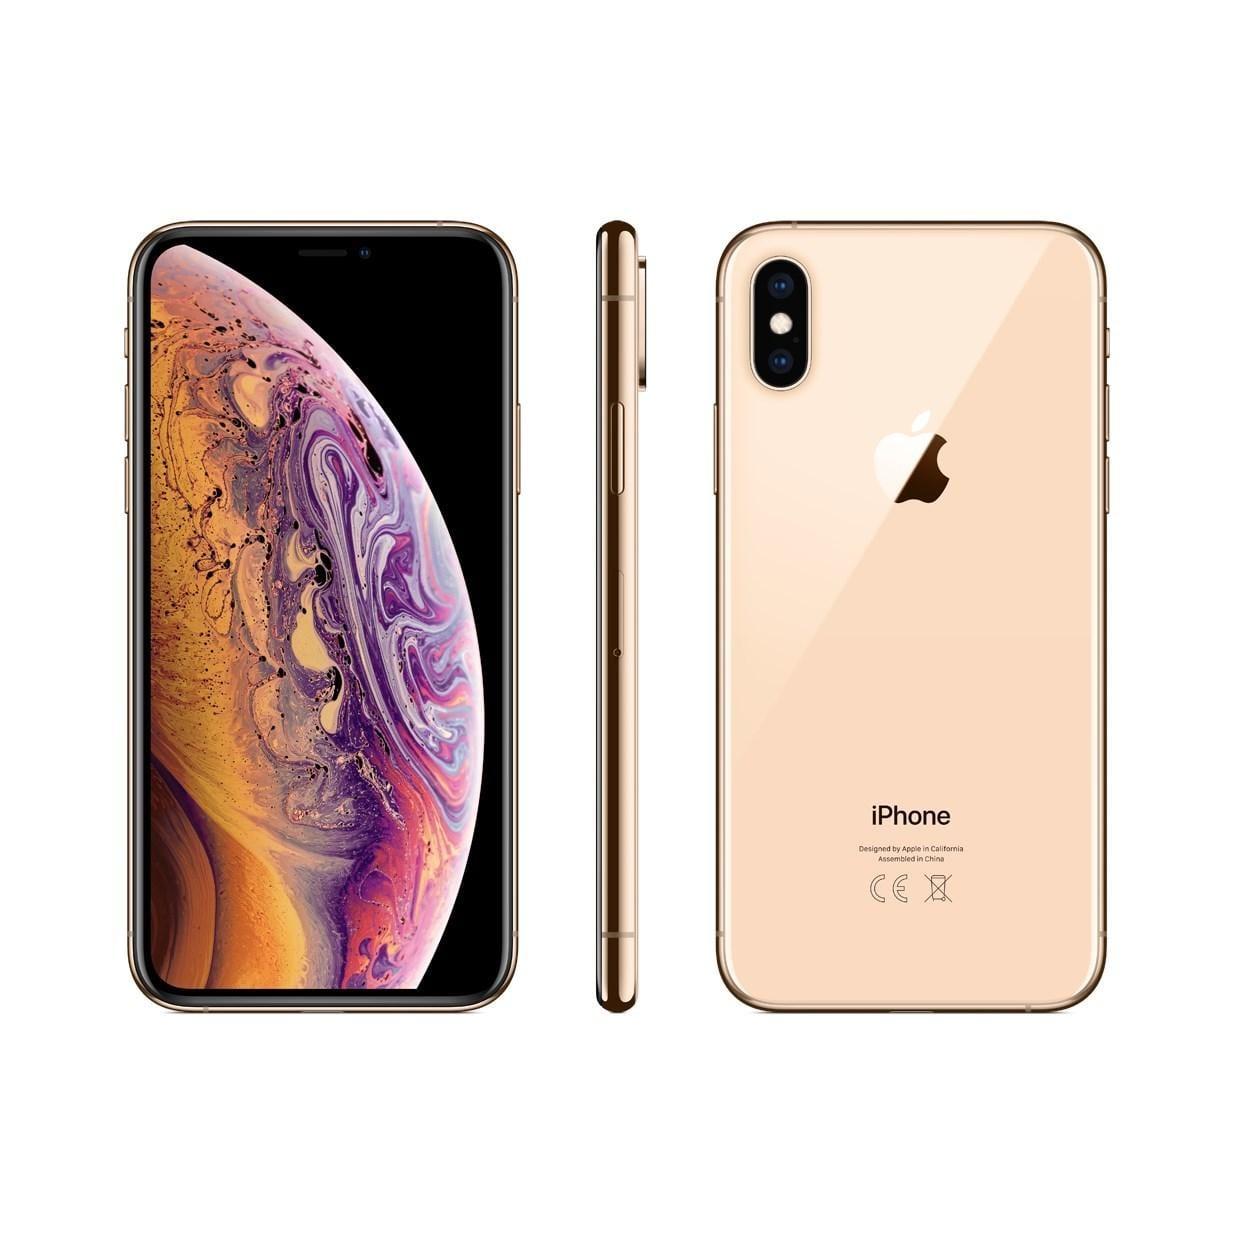 Apple создаст телефон со встроенным в дисплей сканером отпечатков пальцев эксклюзивно для Китая. (978de4365eb4e8d42b2cc9a69b3de713)